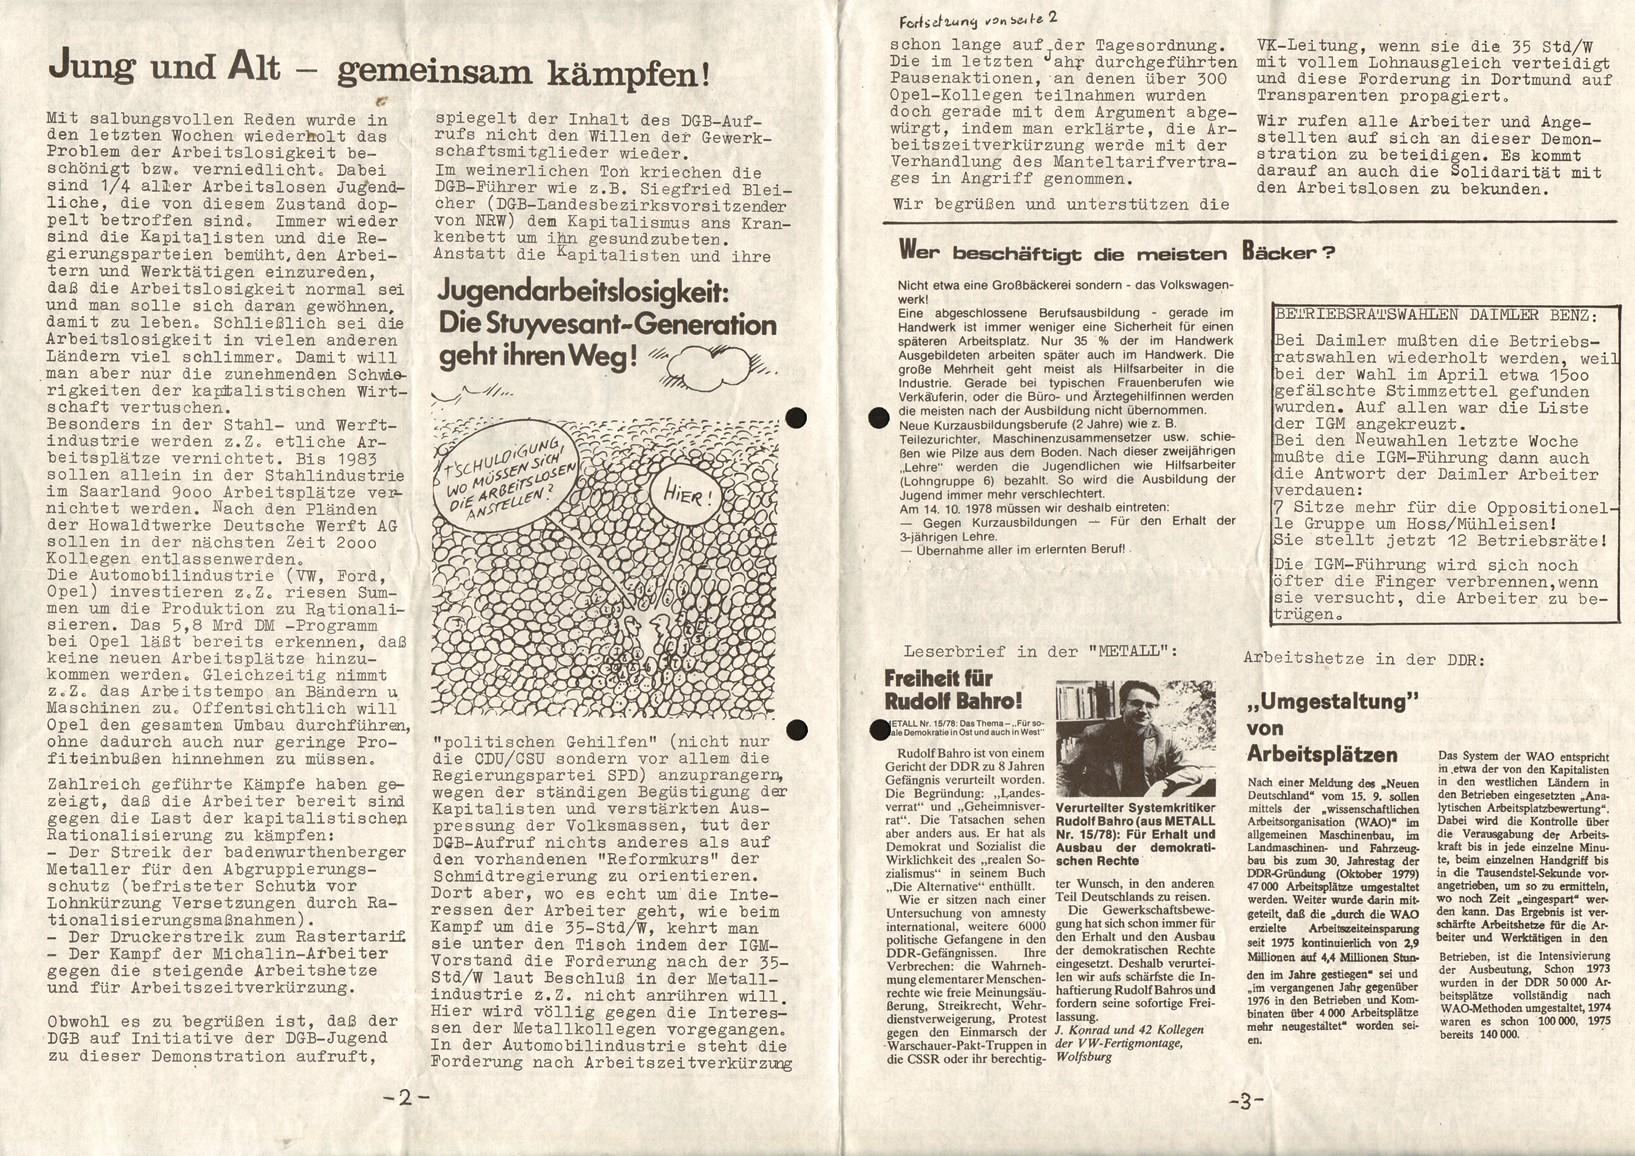 Bochum_Opel_AO_Scheinwerfer_19781000_02